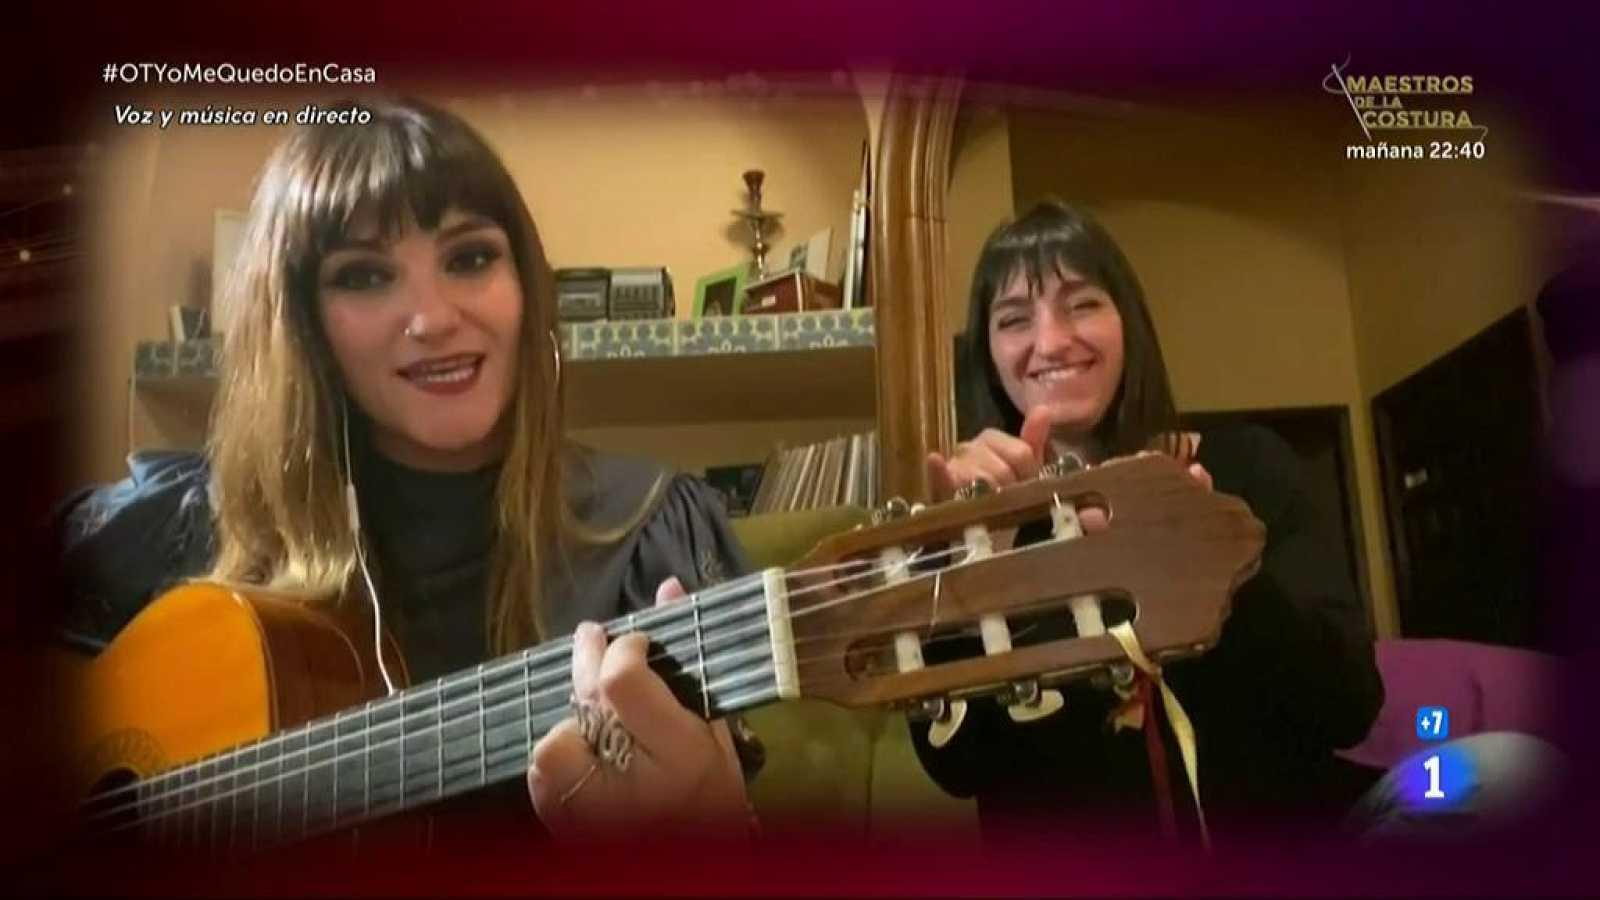 """Rozalén canta """"Vivir"""" en la Gala OTYoMeQuedoEnCasa de Operación Triunfo 2020"""